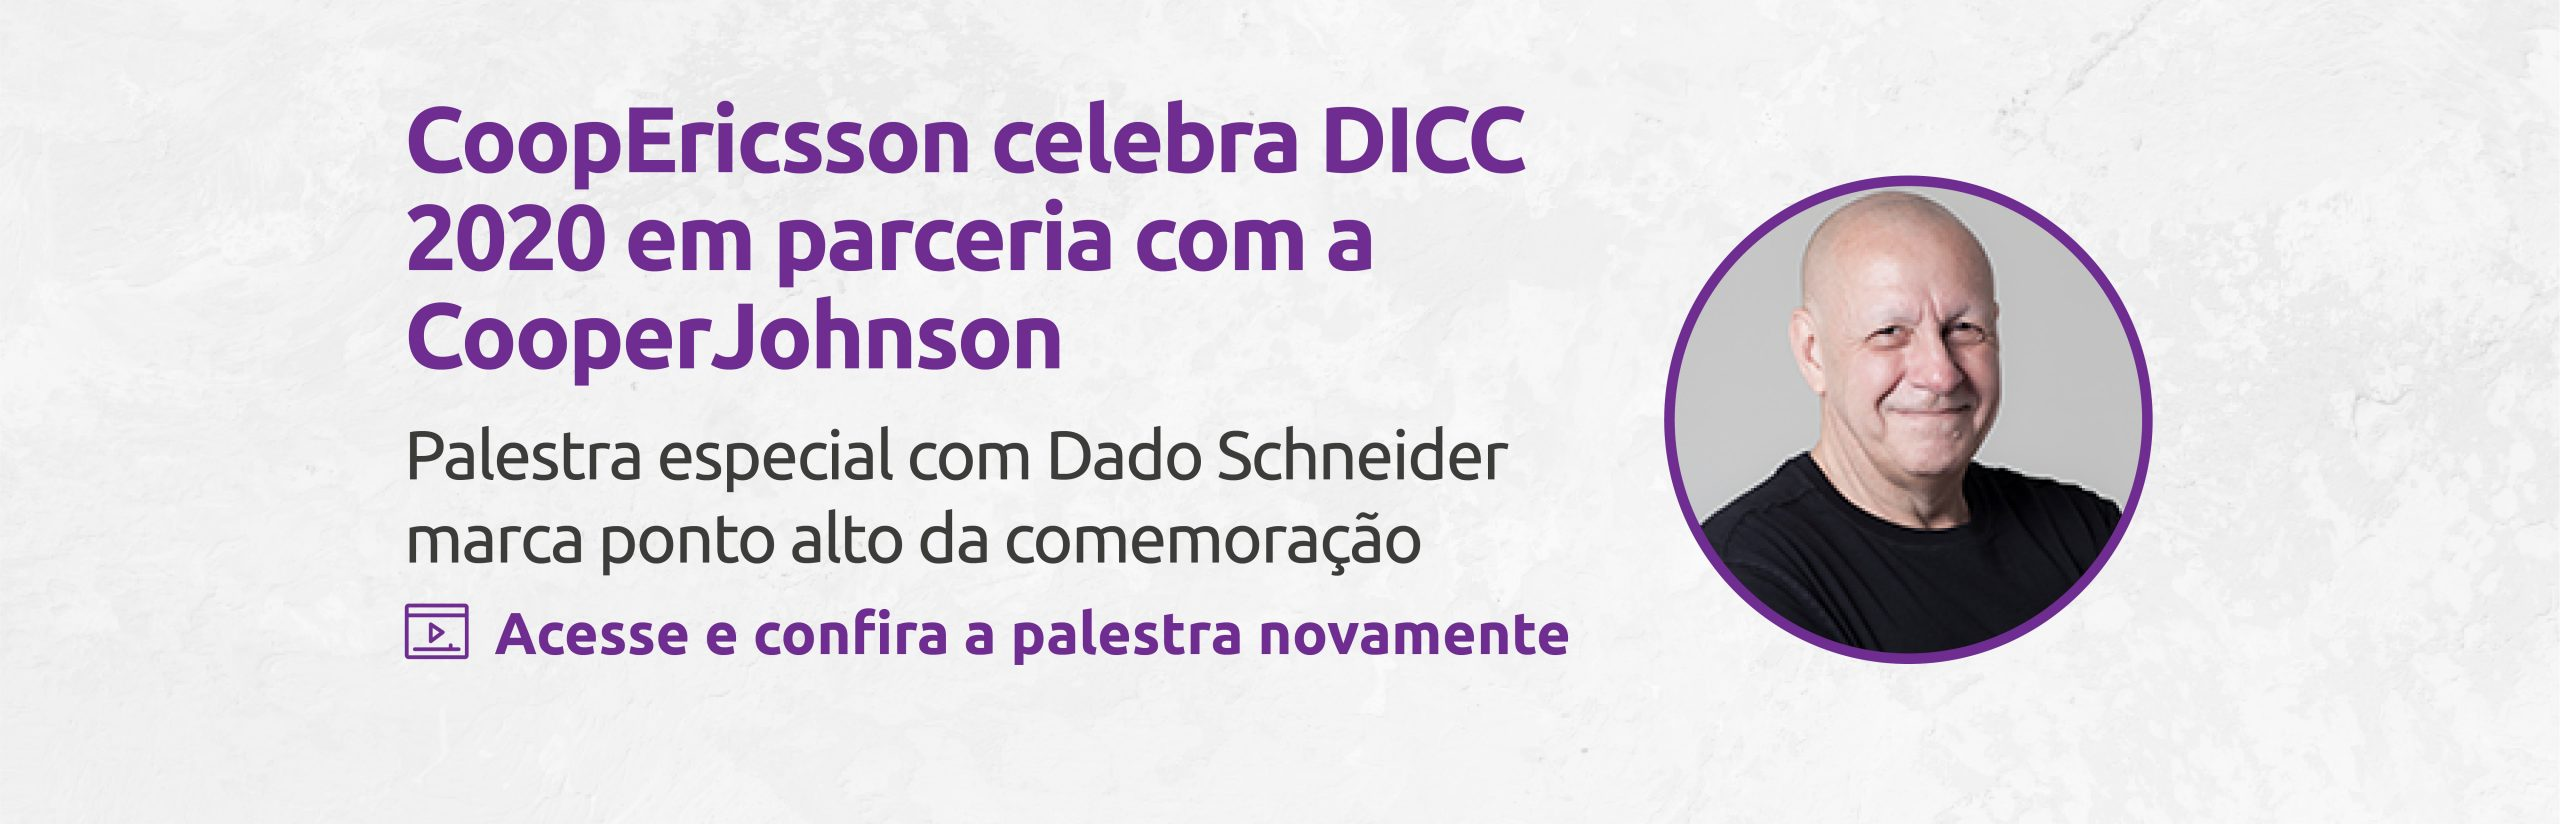 CoopEricsson celebra DICC 2020 em parceria com a CooperJohnson